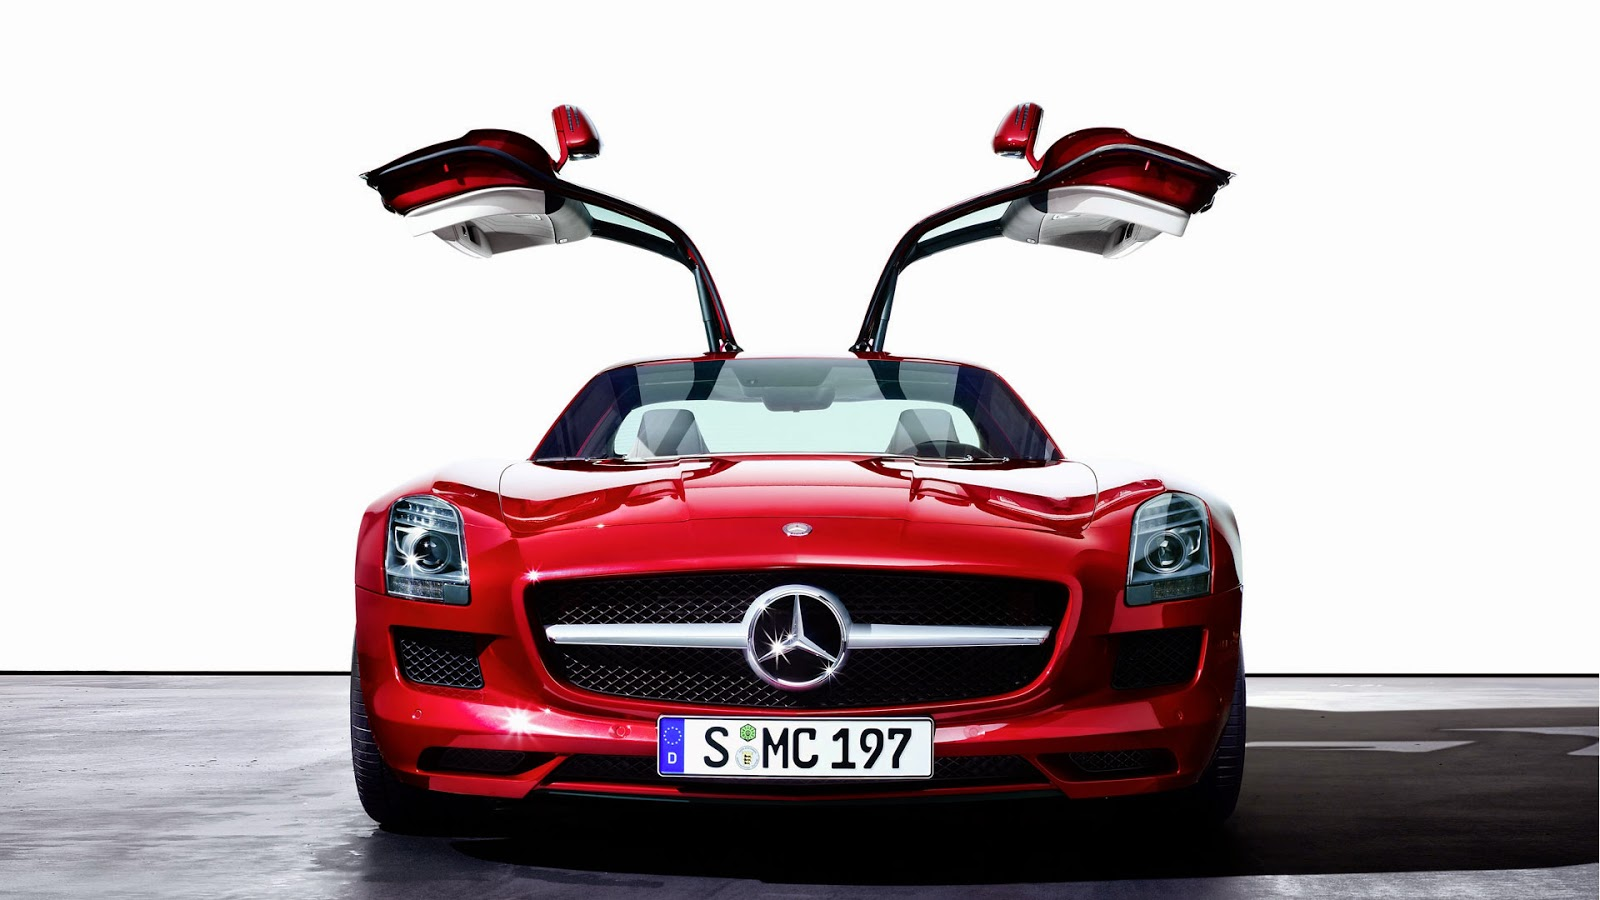 Gambar Mobil Balap, Mobil Sport, Dan Mobil Mewah Yang